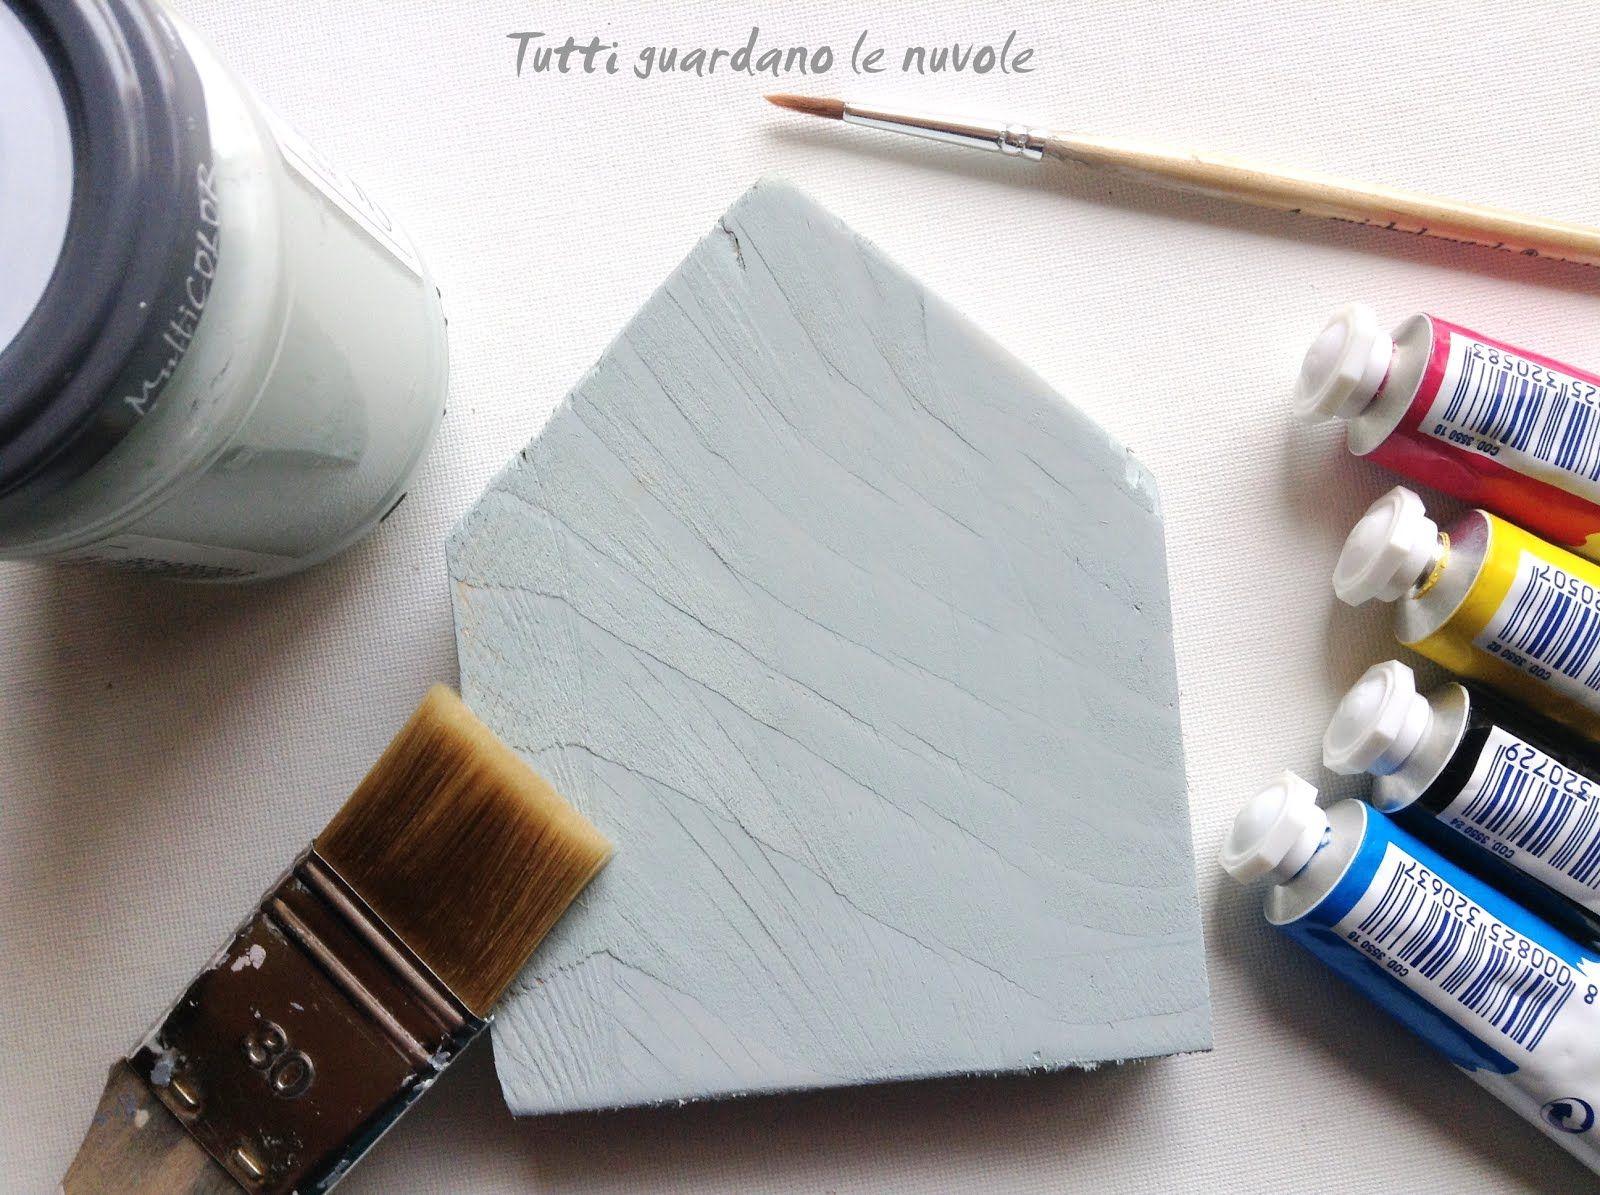 Tutorial Pittura Shabby Chic : Piccole case in legno semplici da realizzare dipinte a mano con